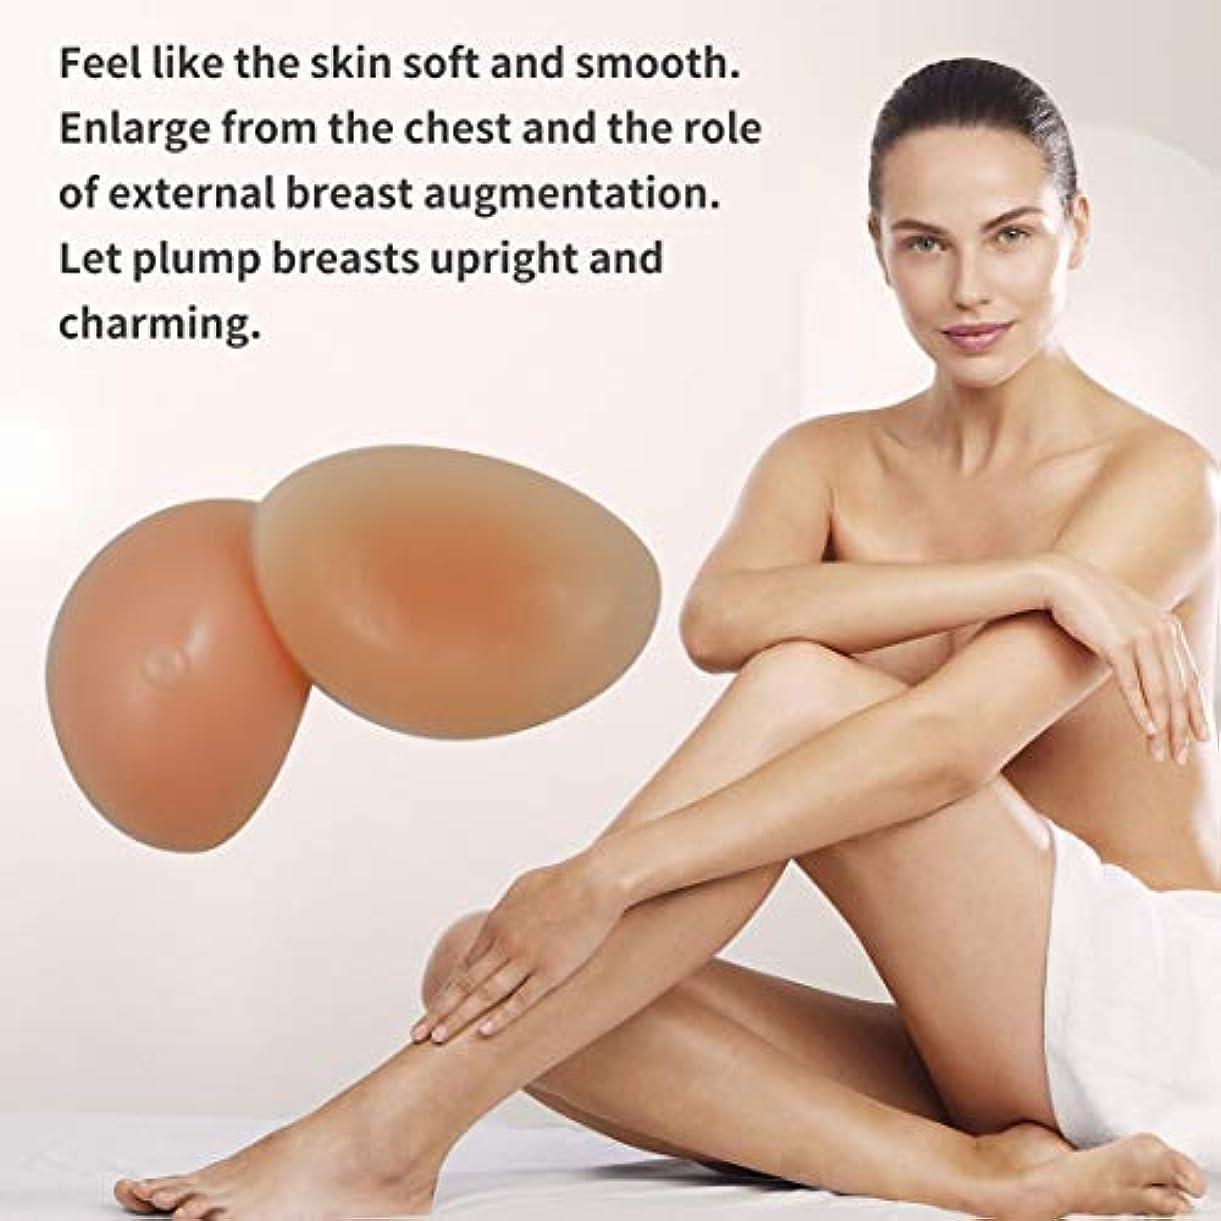 哀バターグレートオークシリコーンフォーム偽乳房エンハンサープッシュアップパッドブースターブラインサート人工乳房リアルな防水シリコーン乳房フォーム